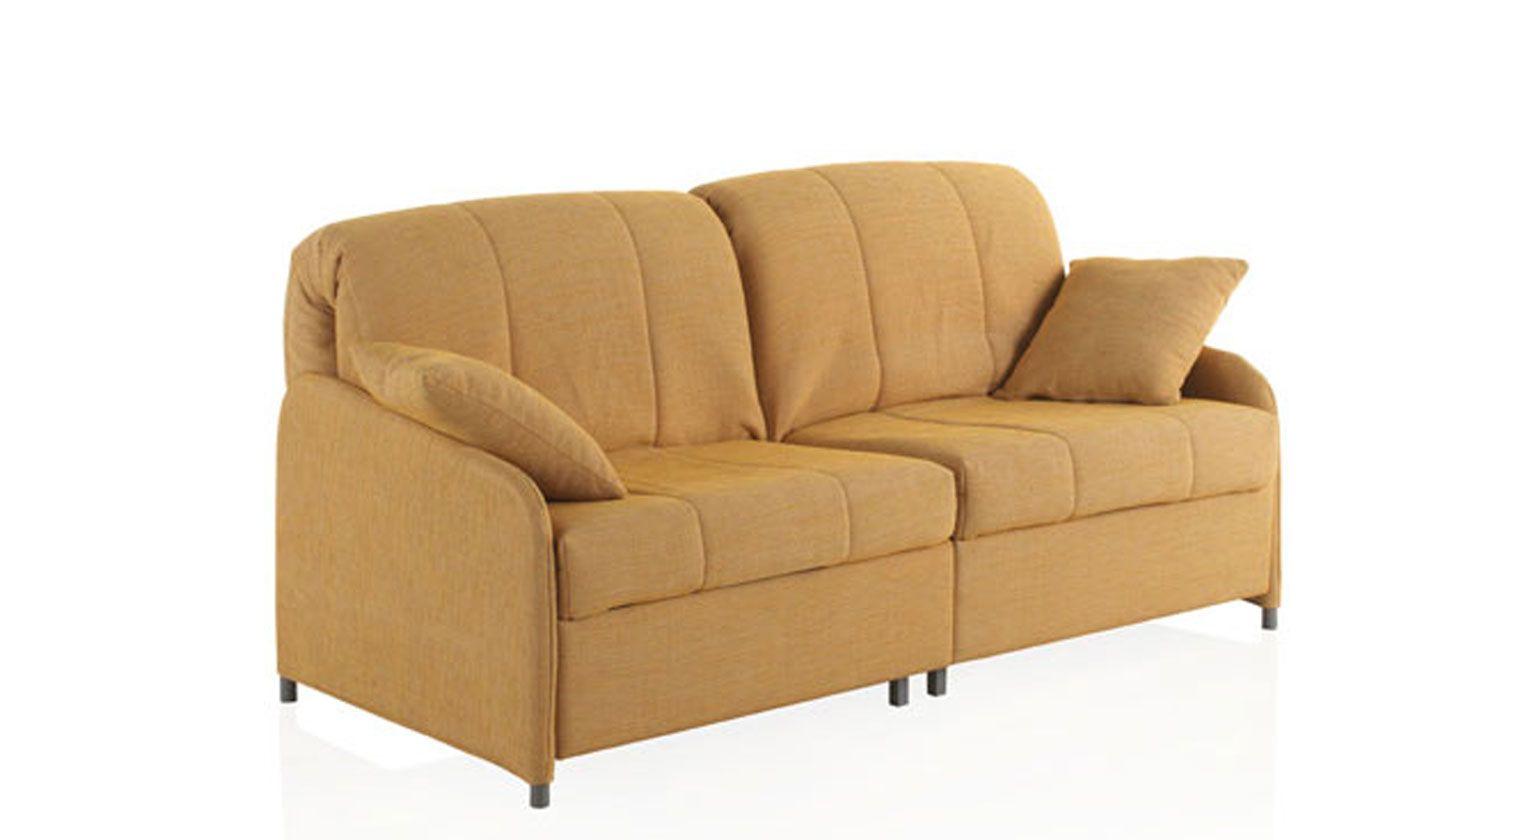 Comprar sof cama dijon 1 plaza cama de 90x190 cm buzo for Sofas extensibles baratos